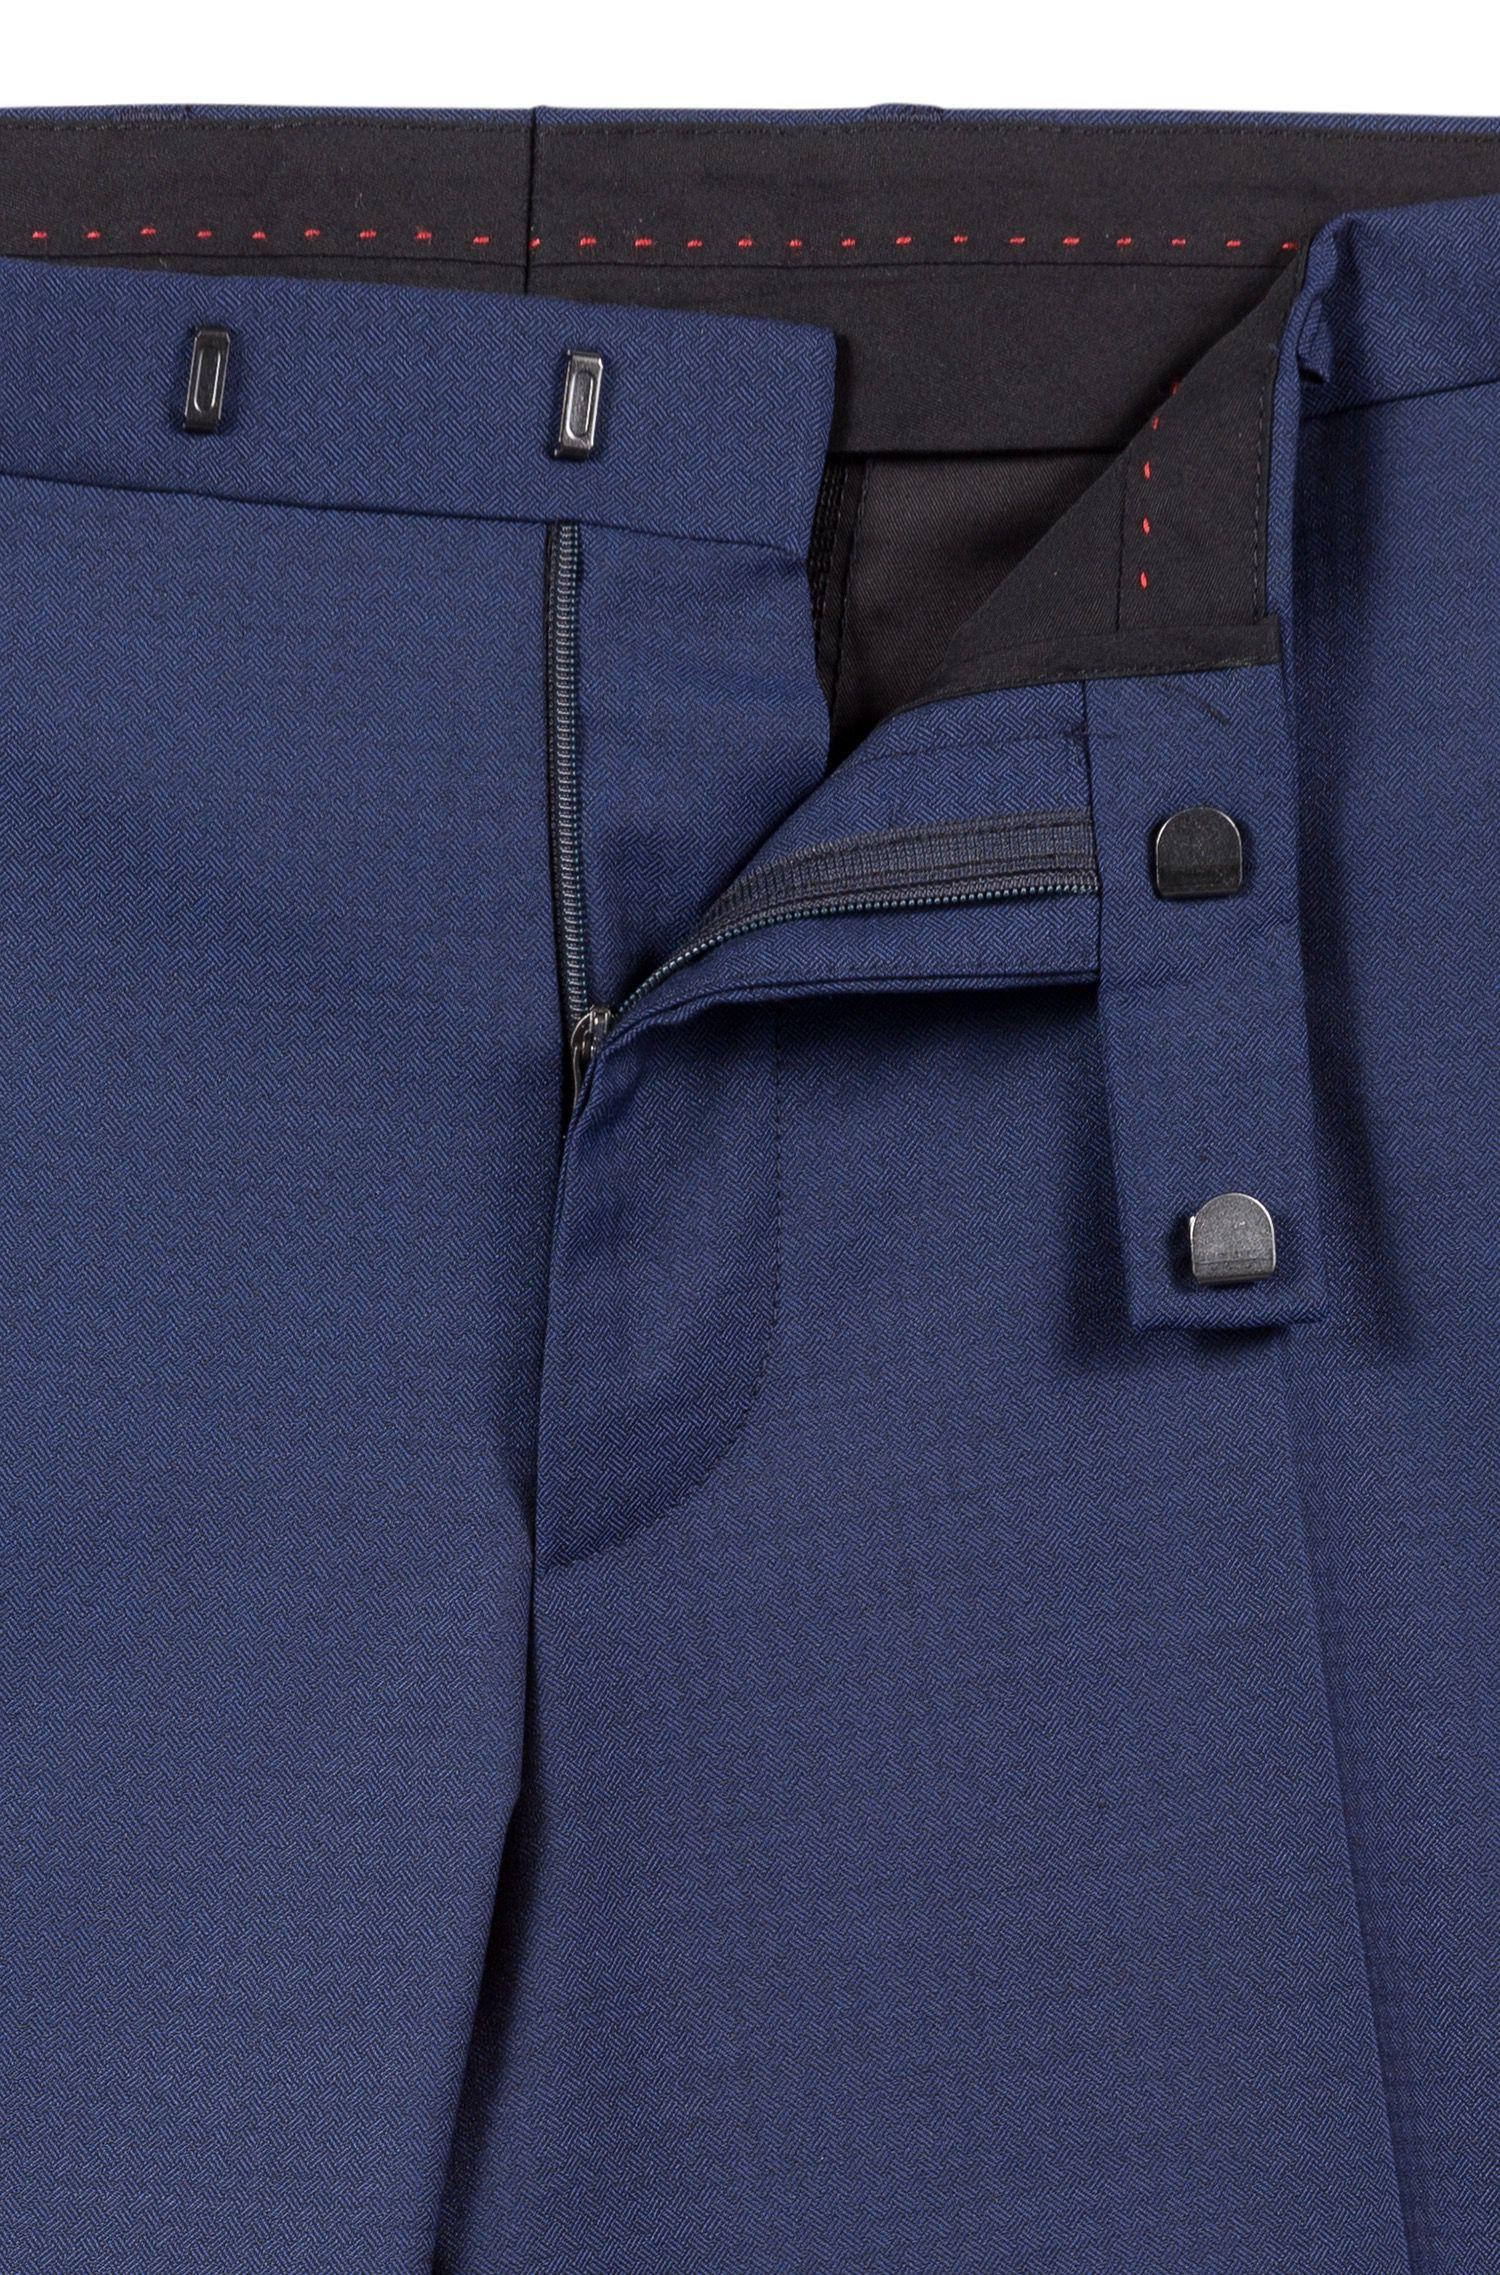 Costume Regular Fit en laine vierge mélangée structurée, Bleu